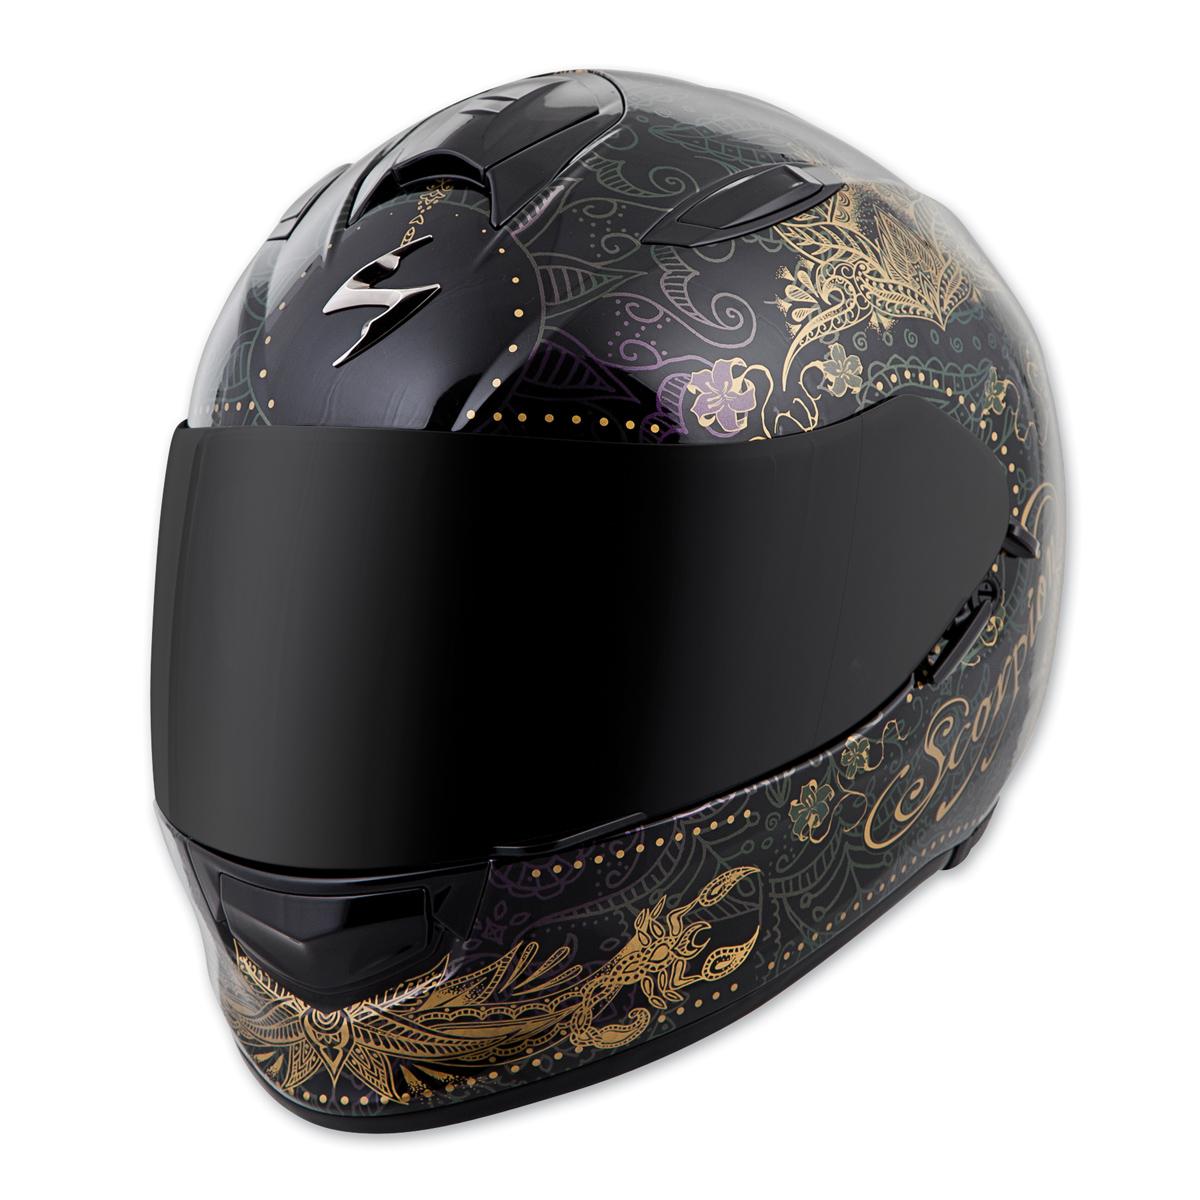 Scorpion EXO EXO-T510 Azalea Black/Gold Full Face Helmet